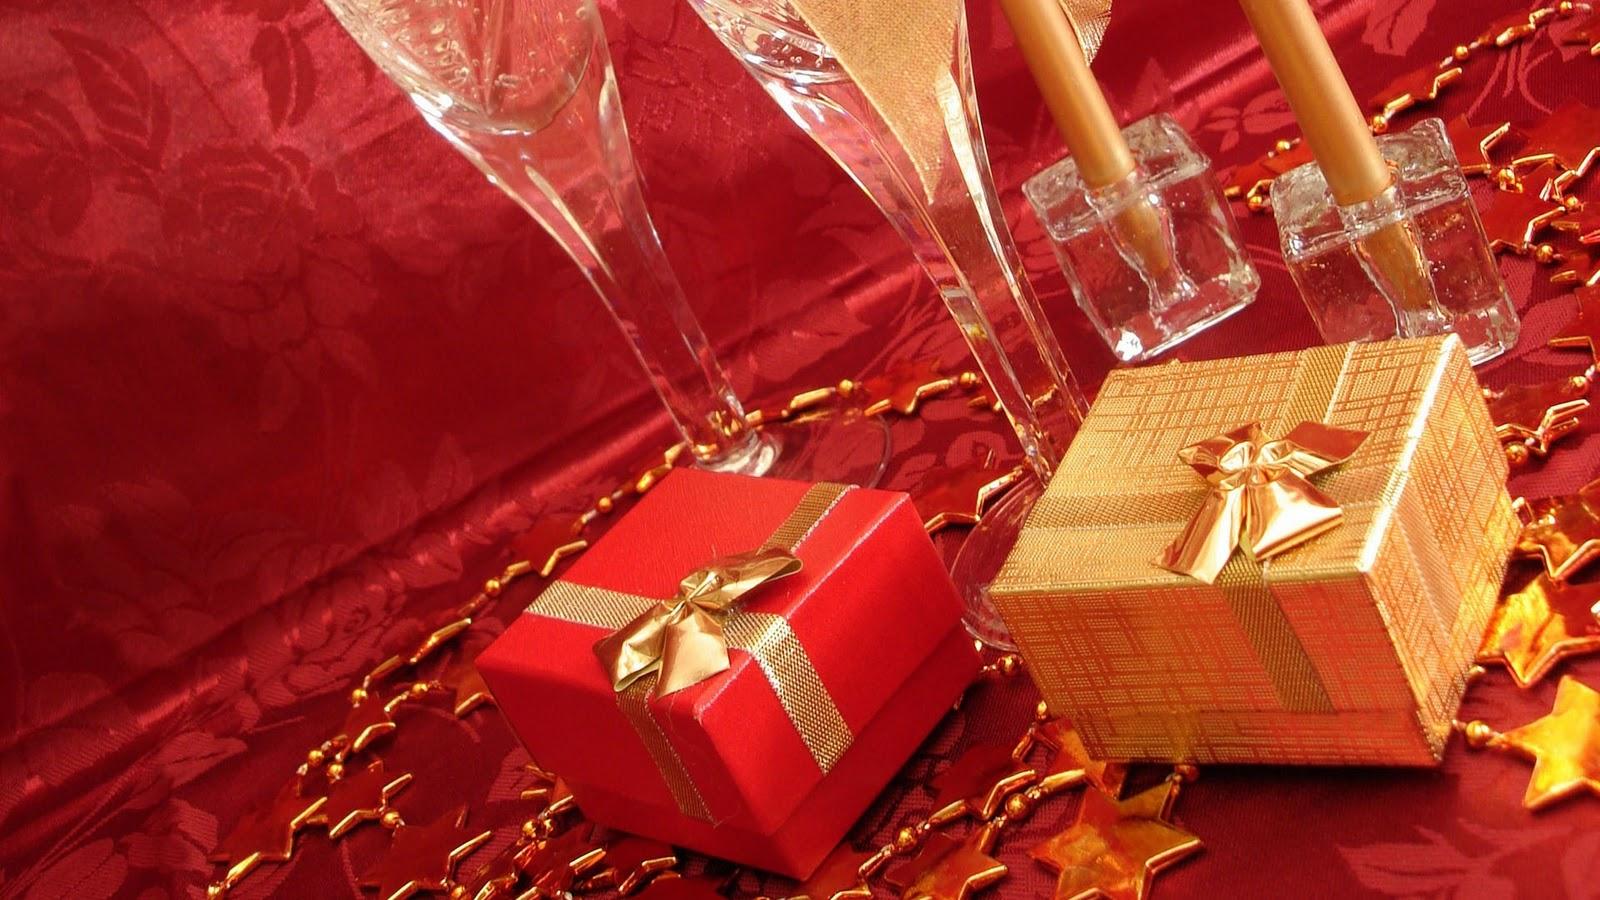 http://3.bp.blogspot.com/-C8CWU9M7LXE/ULT8ZWg3-zI/AAAAAAAAC14/yrp02HLlcj8/s1600/Beautiful-hd-christmas-wallpapers-free-christmas-wallpaper-3.jpg